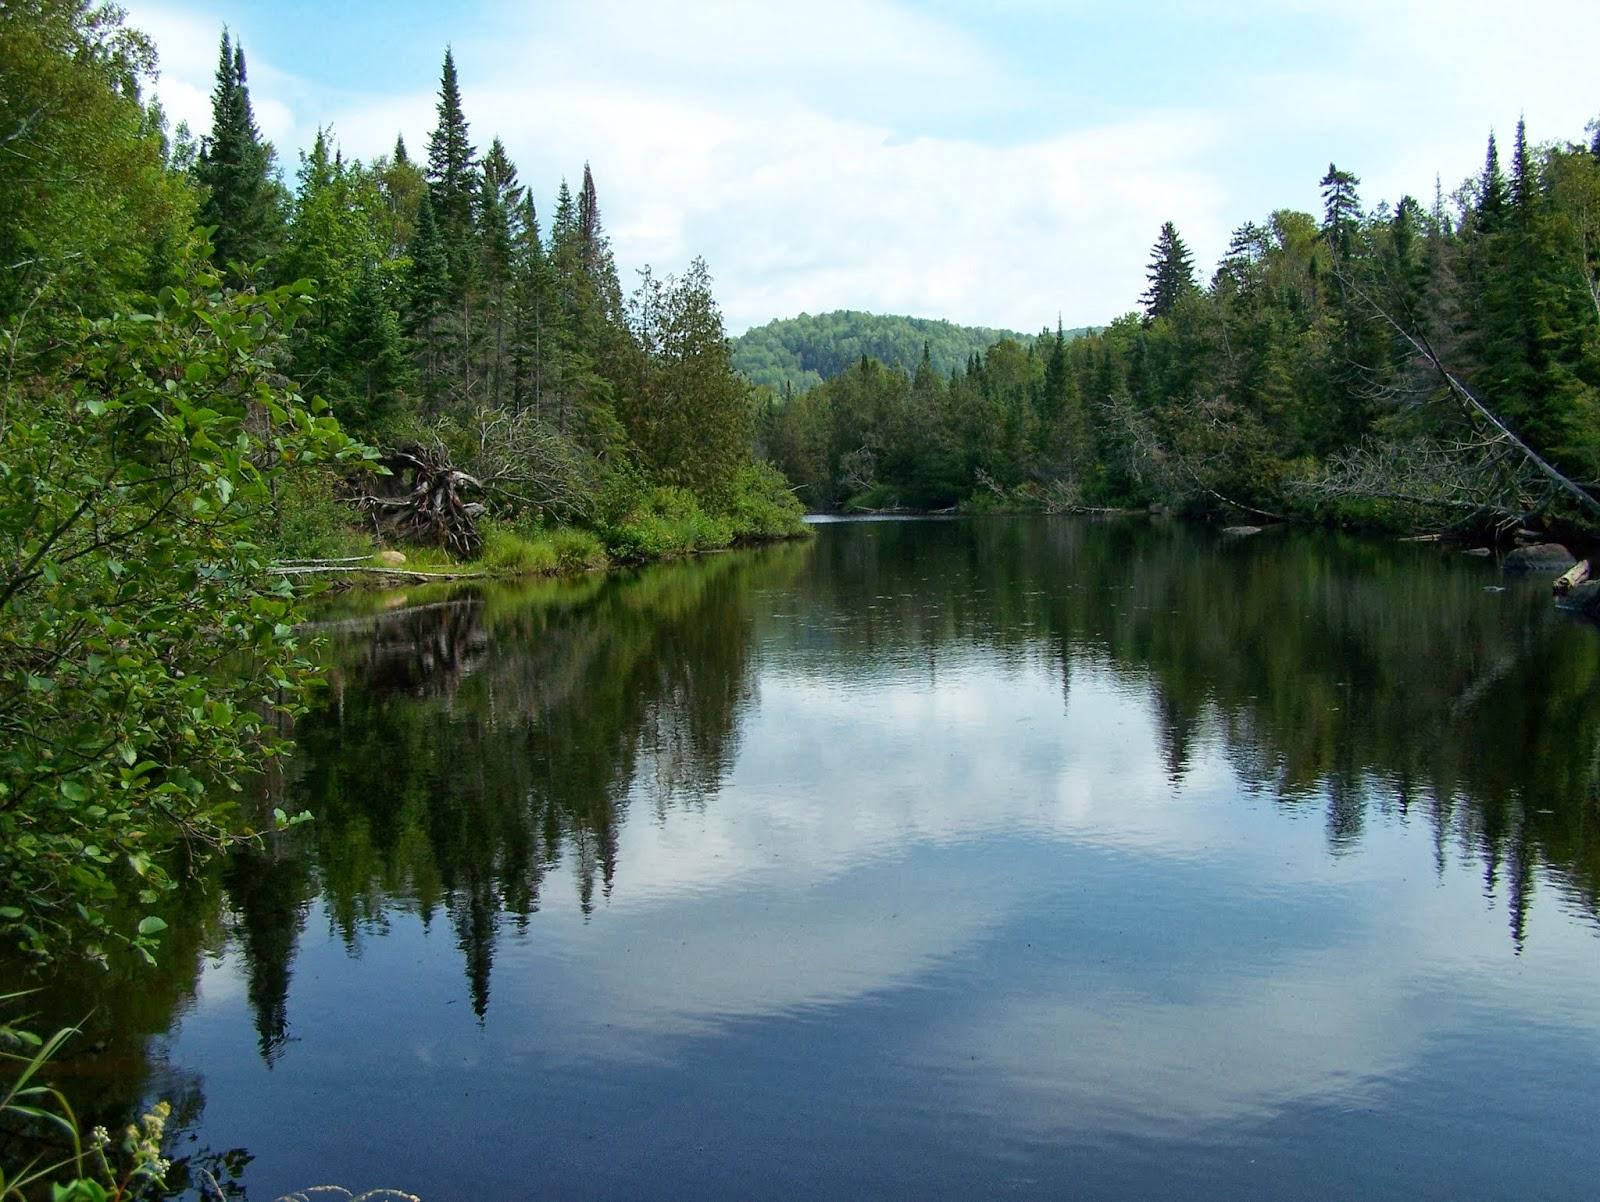 Daniel Lefaivre; la pêche au Québec, truite mouchetée, pêche dans la région de Montréal